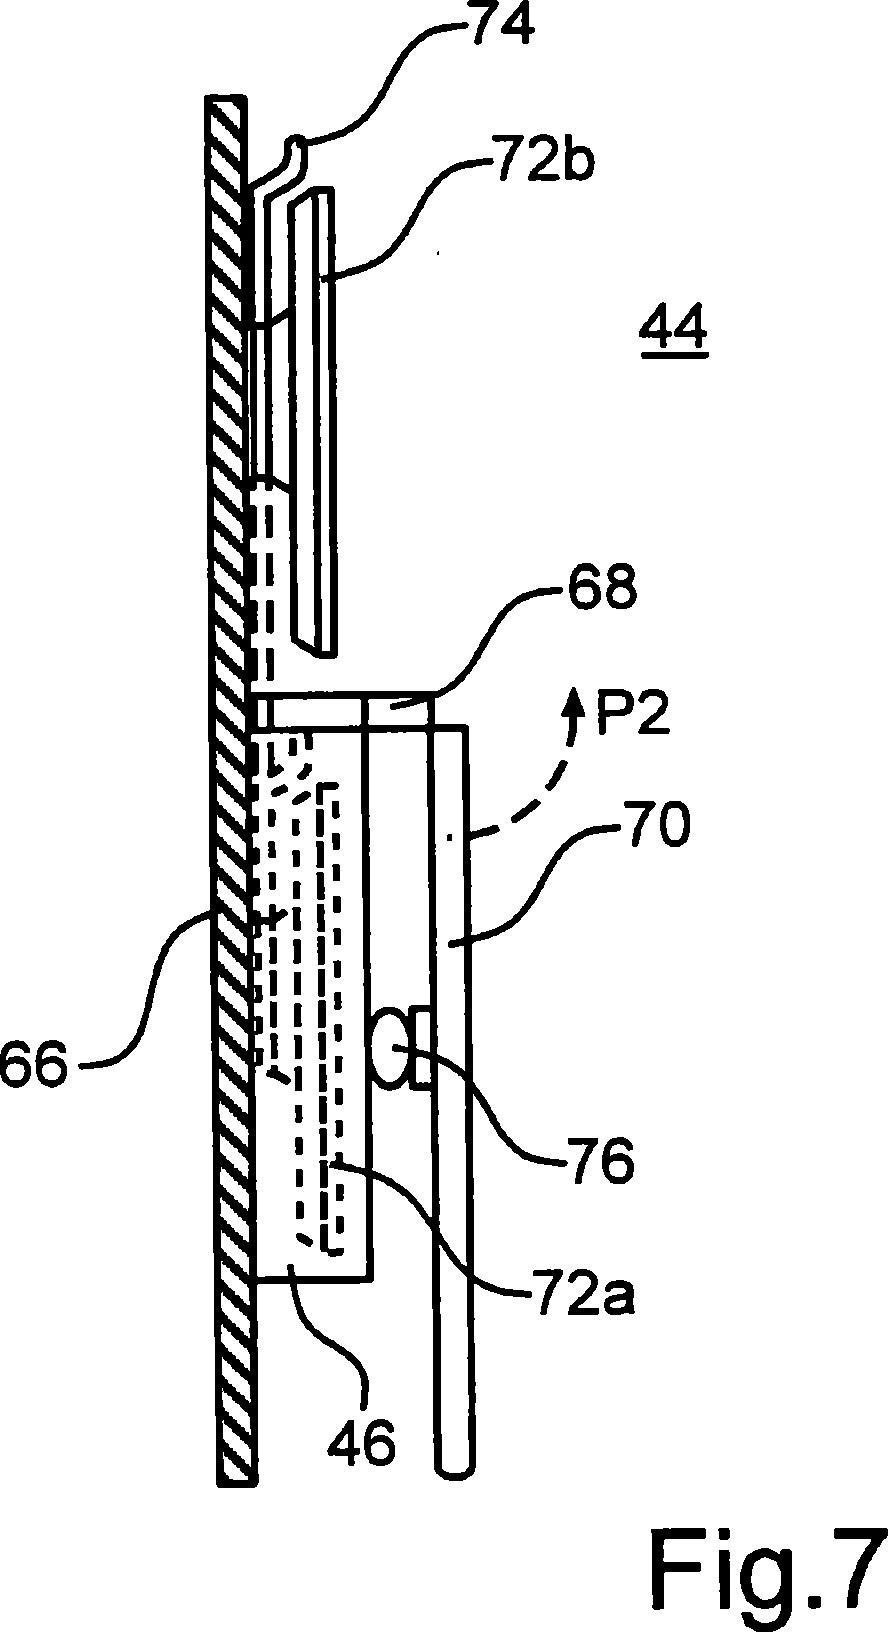 Küchenzeile Dwg ~ patent de202010014492u1 transportable wohnraumzelle, wohnmobil sowie teilintegriertes